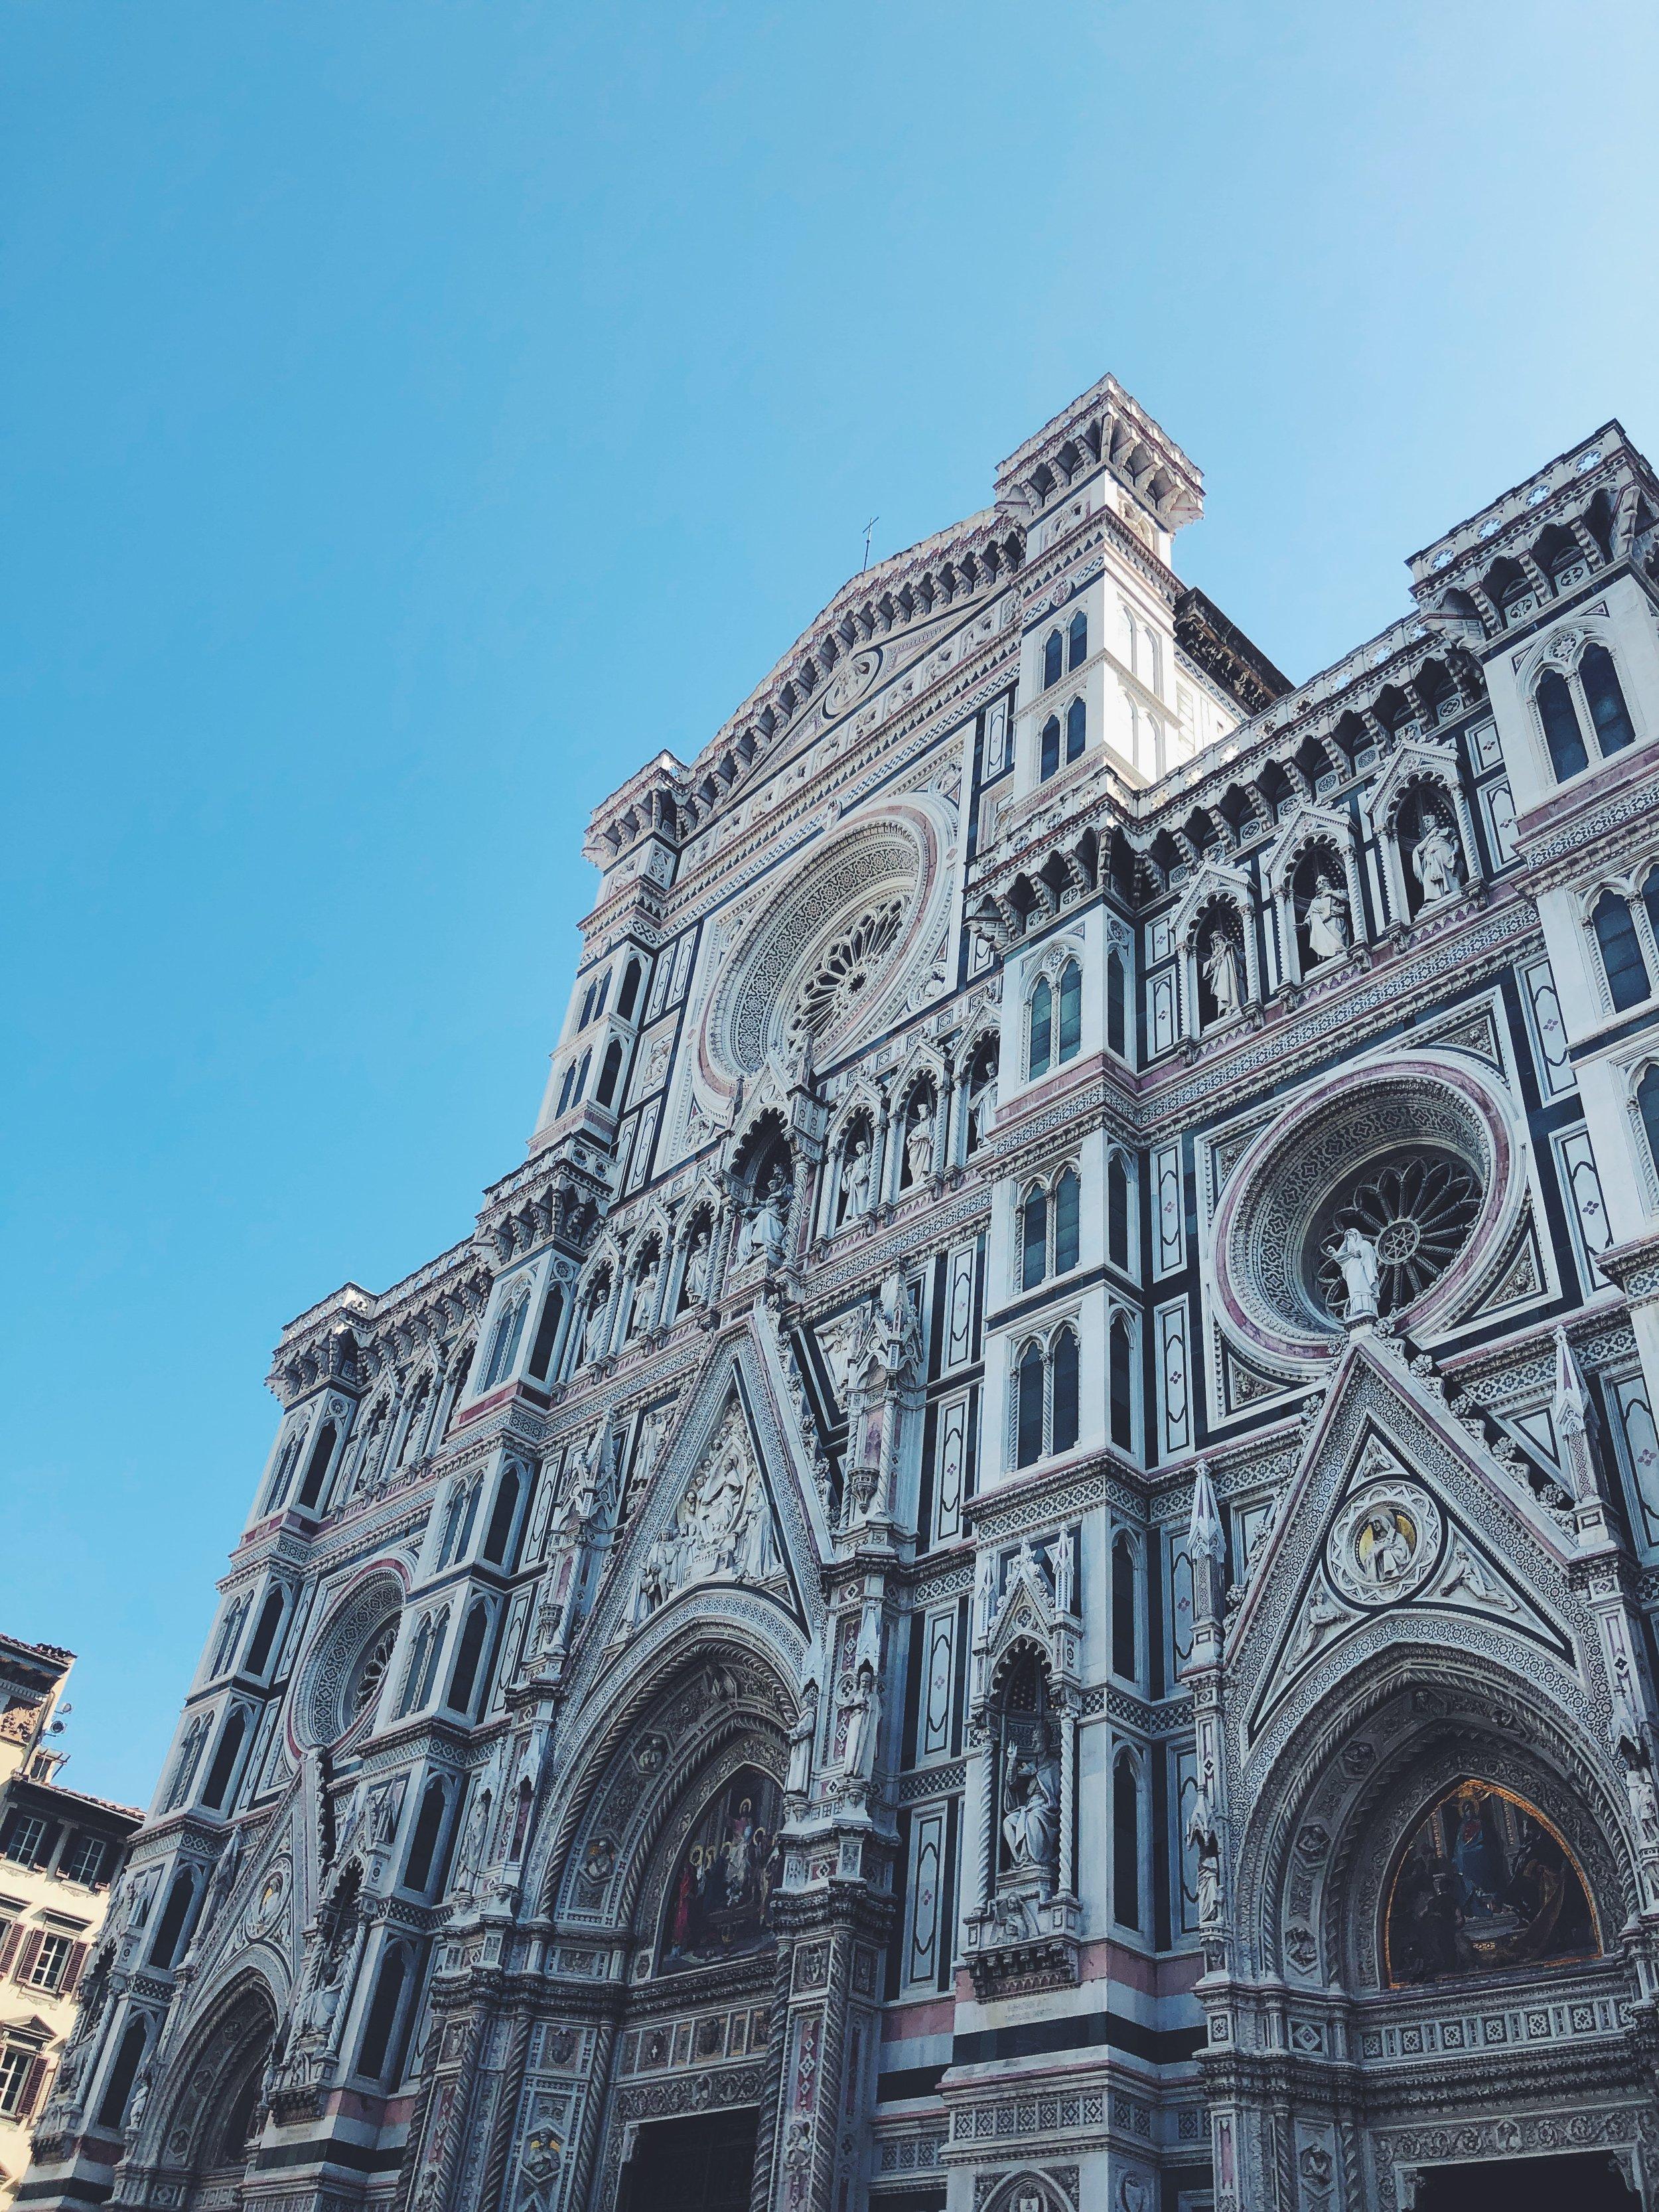 Cathedral of Santa Maria del Fiore